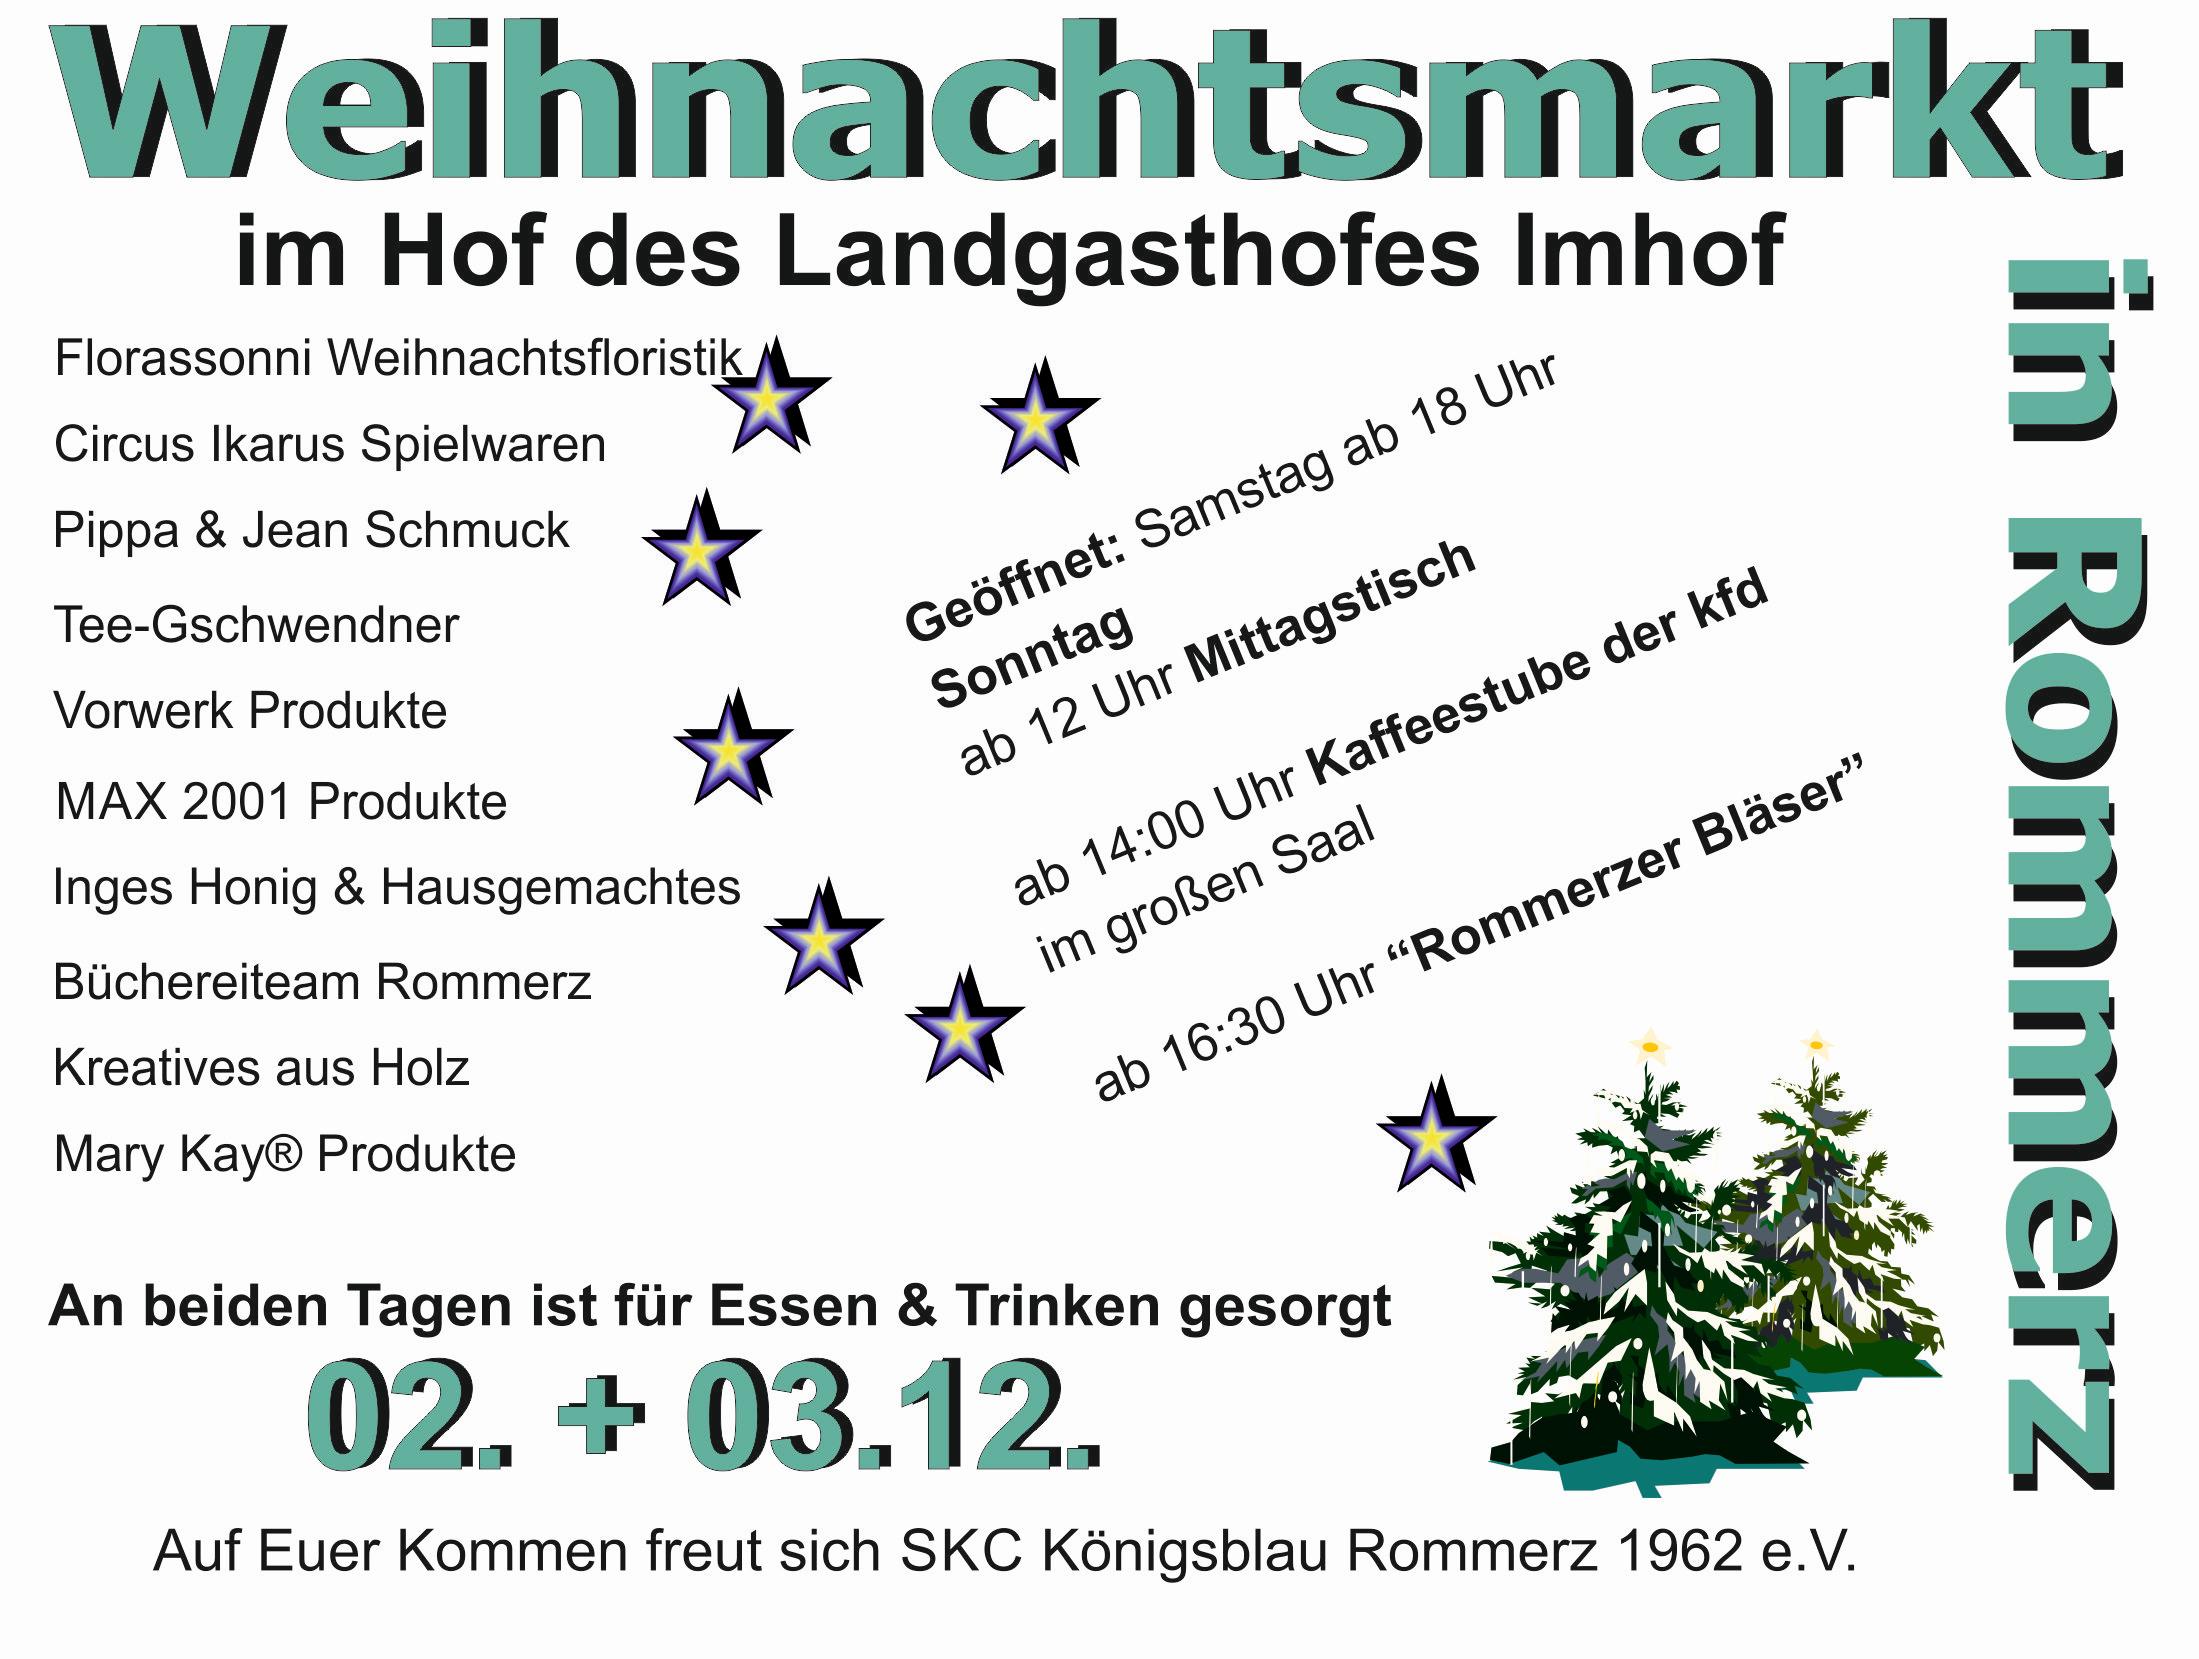 Weihnachtsmarkt_2017-2